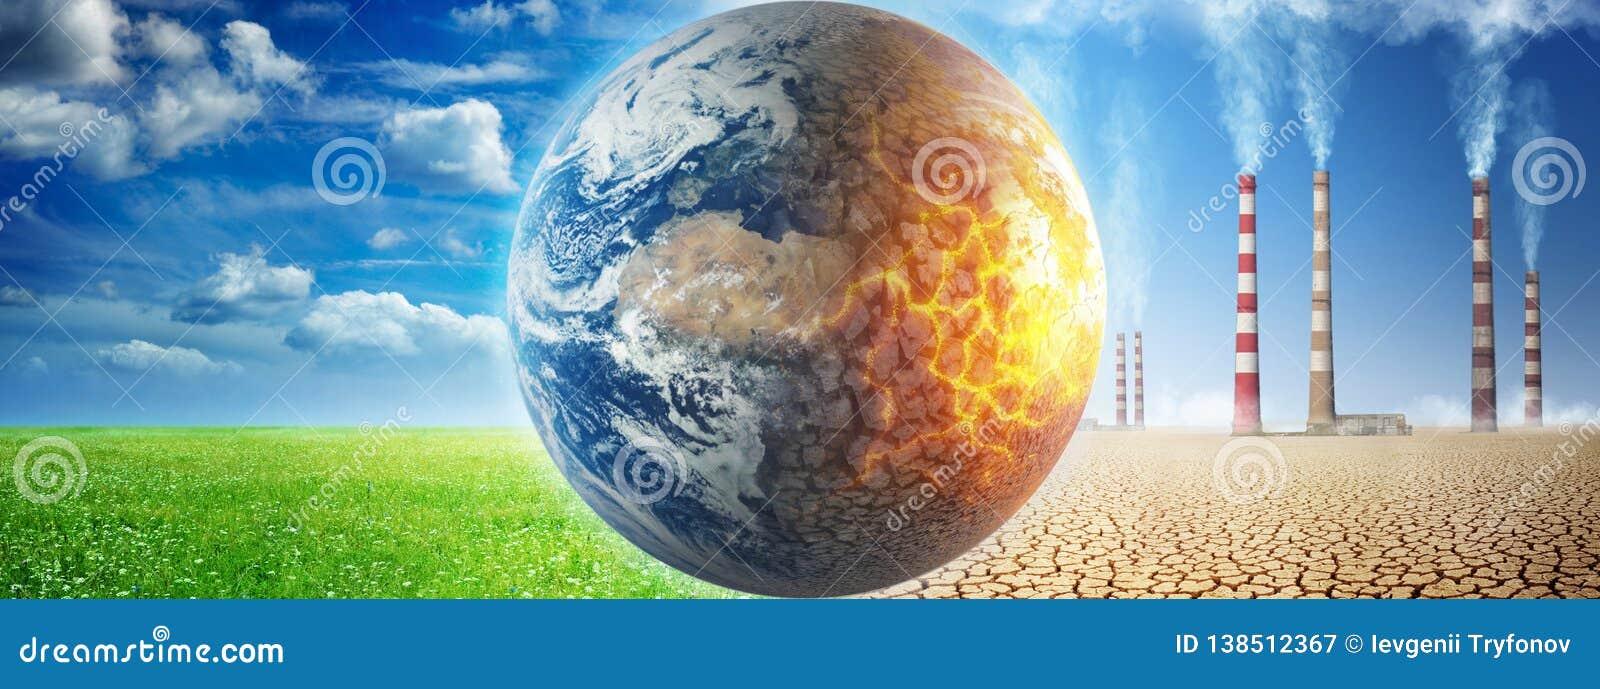 Aarde op een achtergrond van gras en wolken tegenover een geruïneerde Aarde op een achtergrond van een dode woestijn met Rokende